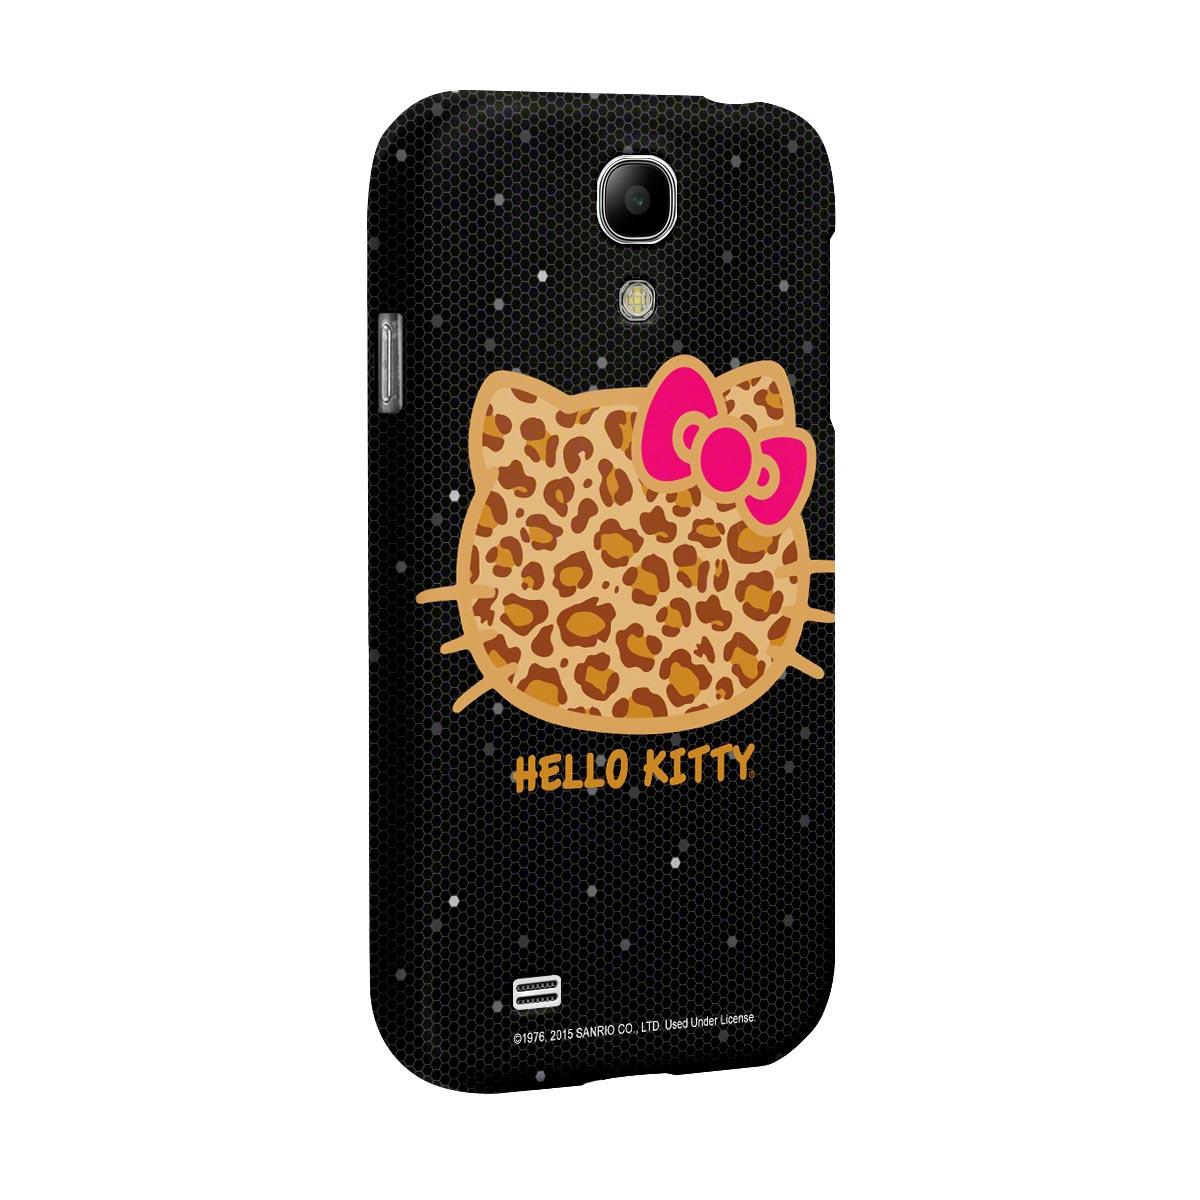 Capa para Samsung Galaxy S4 Hello Kitty Print Fuzzy